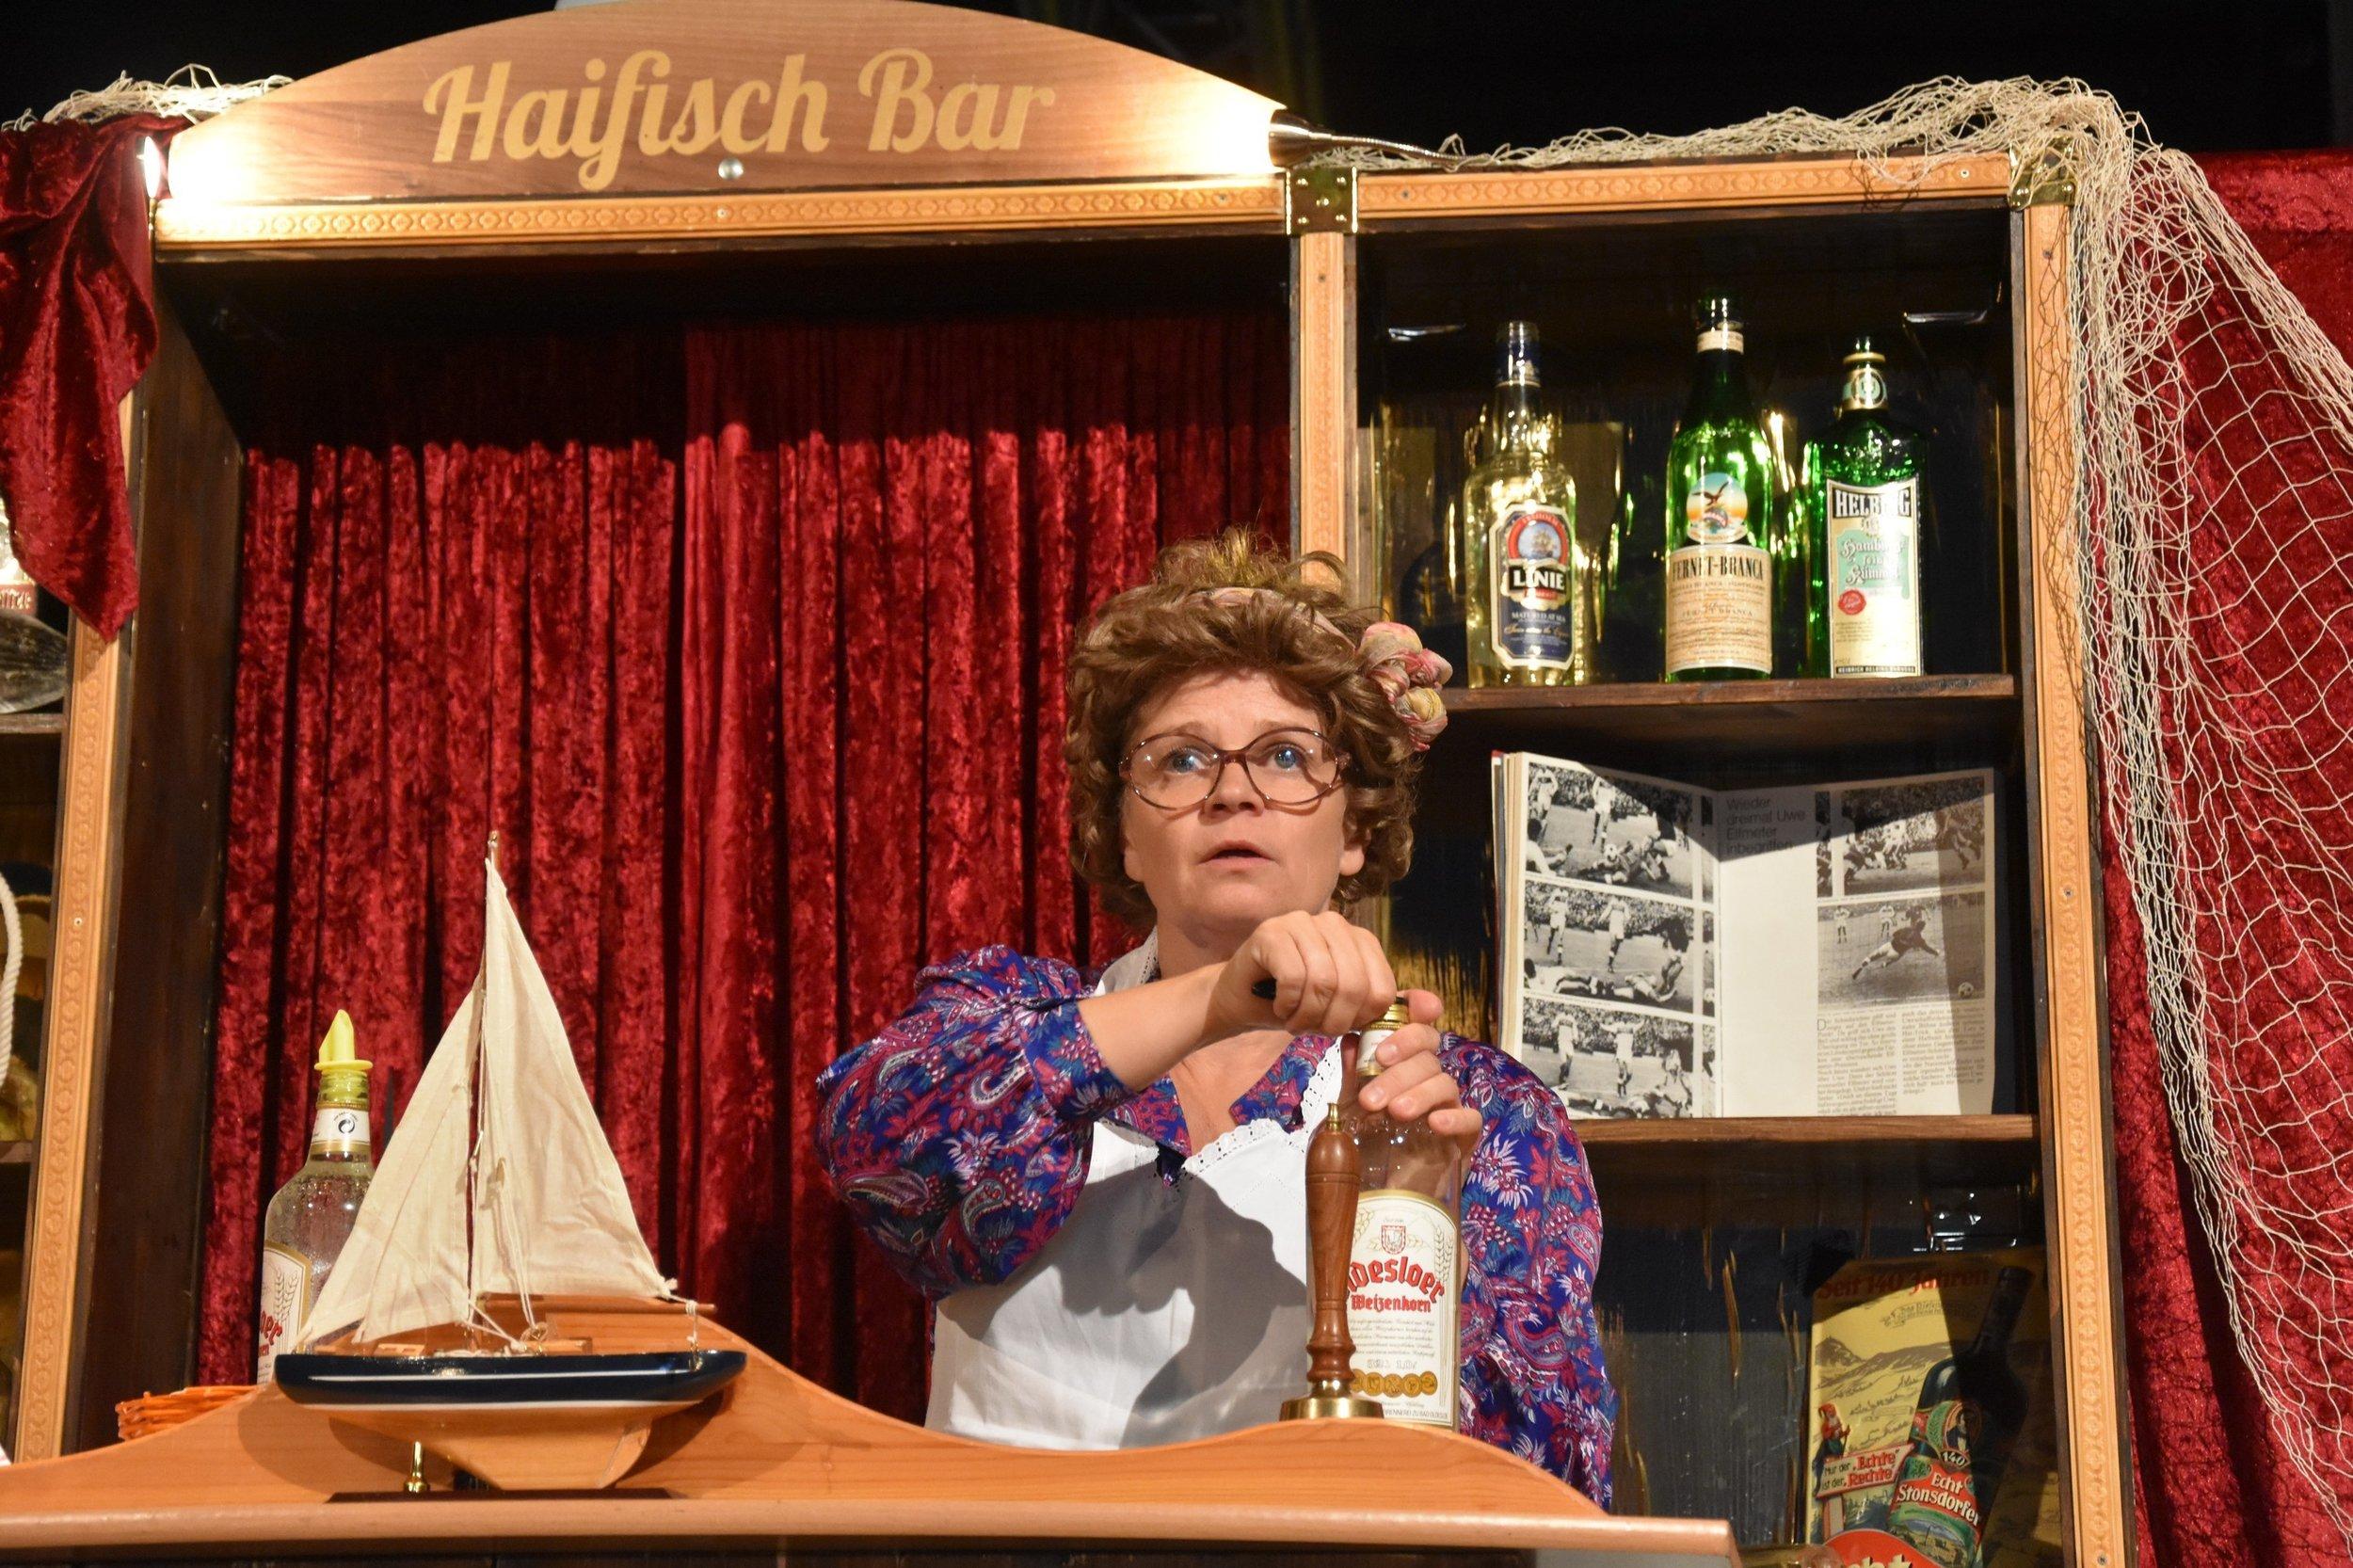 """""""Mord in der Haifischbar 1"""" - Hamburg-St. Pauli im Jahre 1965: In der Haifischbar wird gesungen, getanzt und gefeiert. Man findet in dieser Kneipe eine Rosenverkäuferin, Seemänner, leichte Mädchen, eine dicke singende Barfrau und zwielichtige Herren. Mitten in dem turbulenten Treiben wird der Zuhälter Danzinger erdrosselt. War es seine """"Freundin"""" Moni? Oder steckt etwa der Wirt Hugo dahinter? Und wieso schaut die Rosenverkäuferin so unschuldig? Gott sei Dank kommt Wachtmeister Lothar zur rechten Zeit in die Haifischbar."""